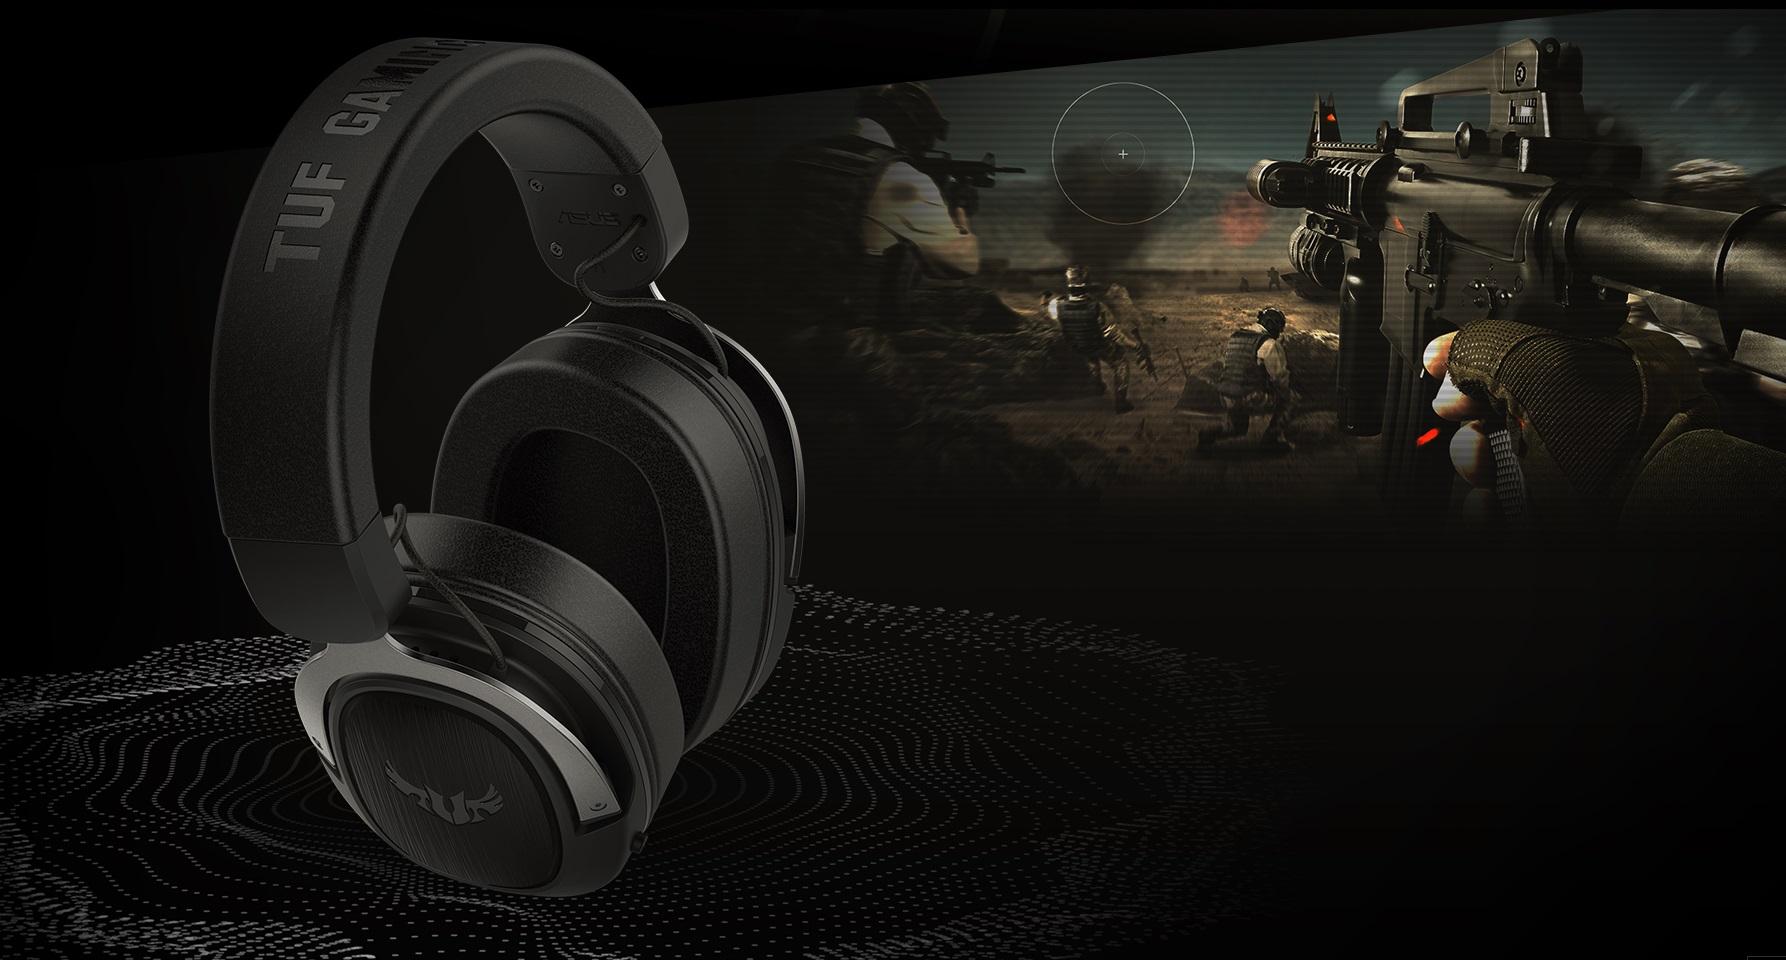 Sluchátka Asus TUF Gaming se pyšní virtuálním 7.1kanálovým 3D zvukem Windows Sonic!